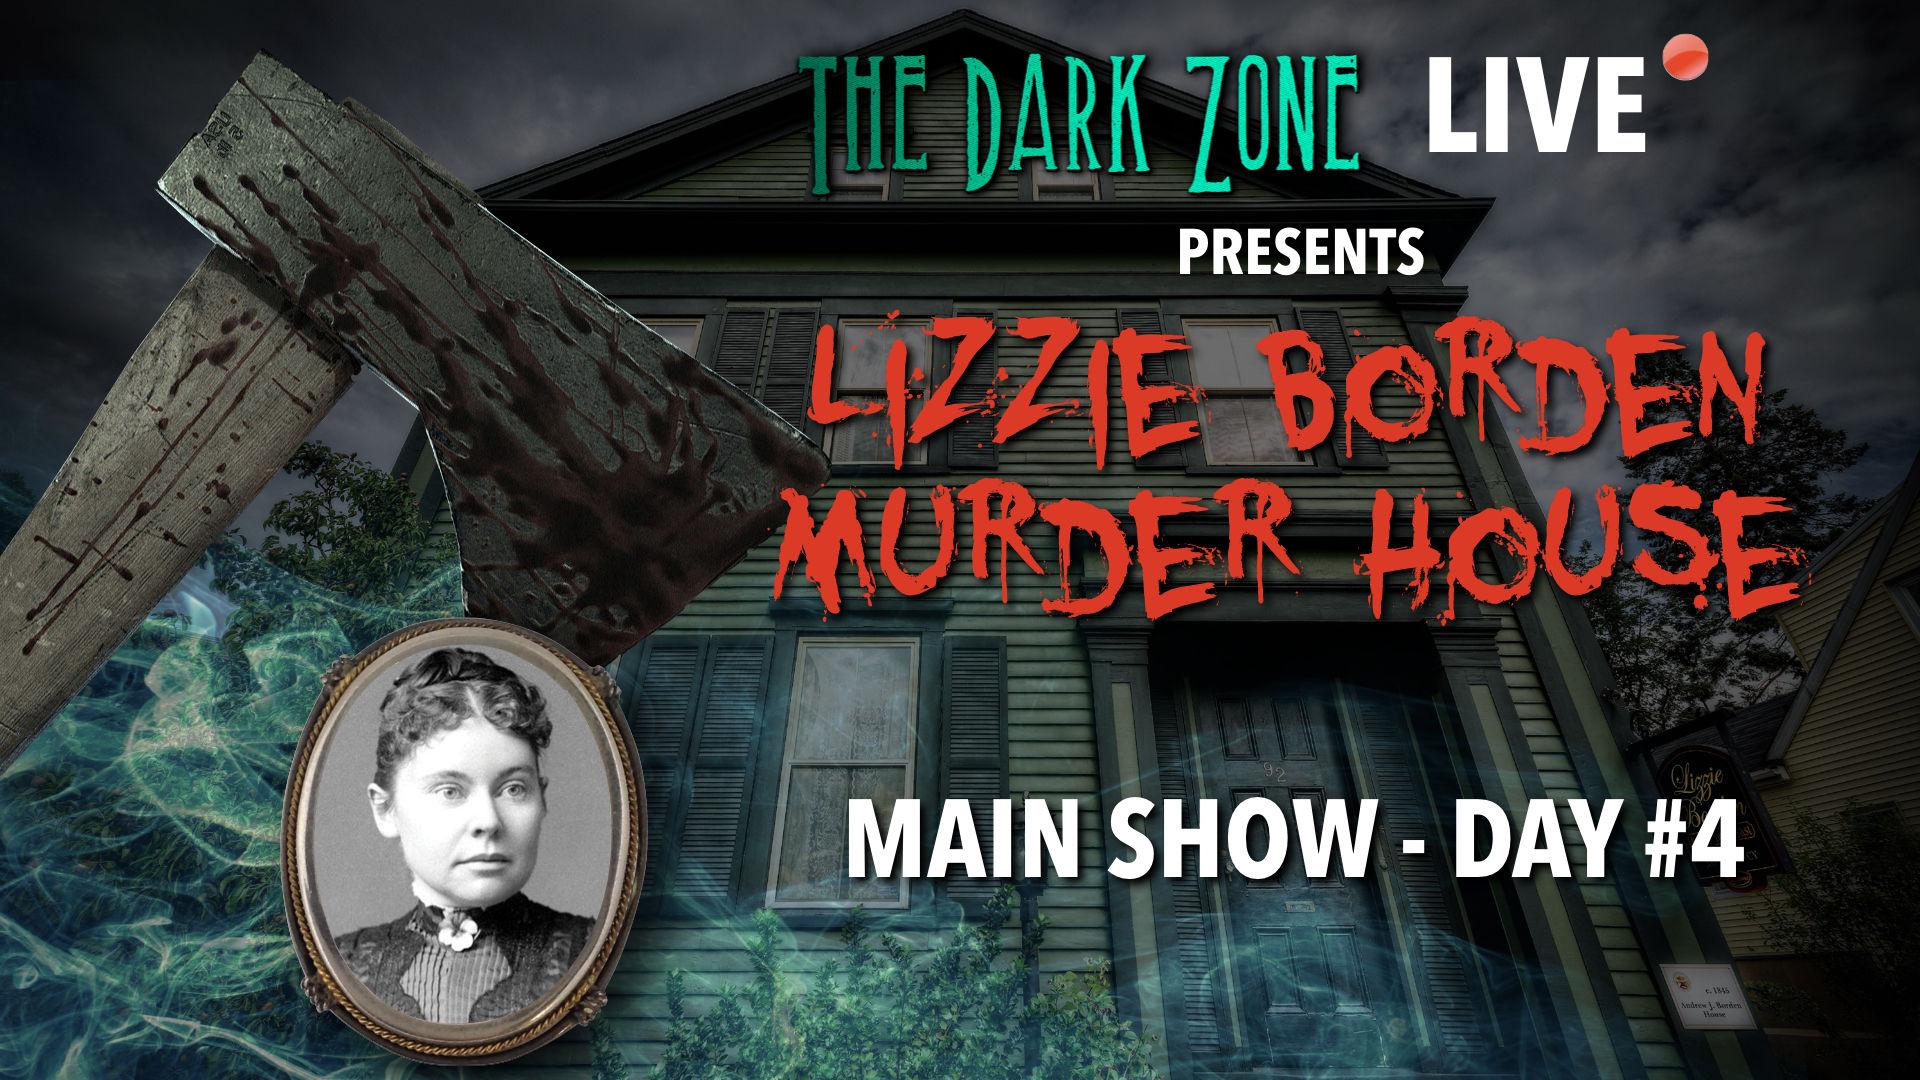 Lizzie Borden Murder House - Main Show - DAY 4